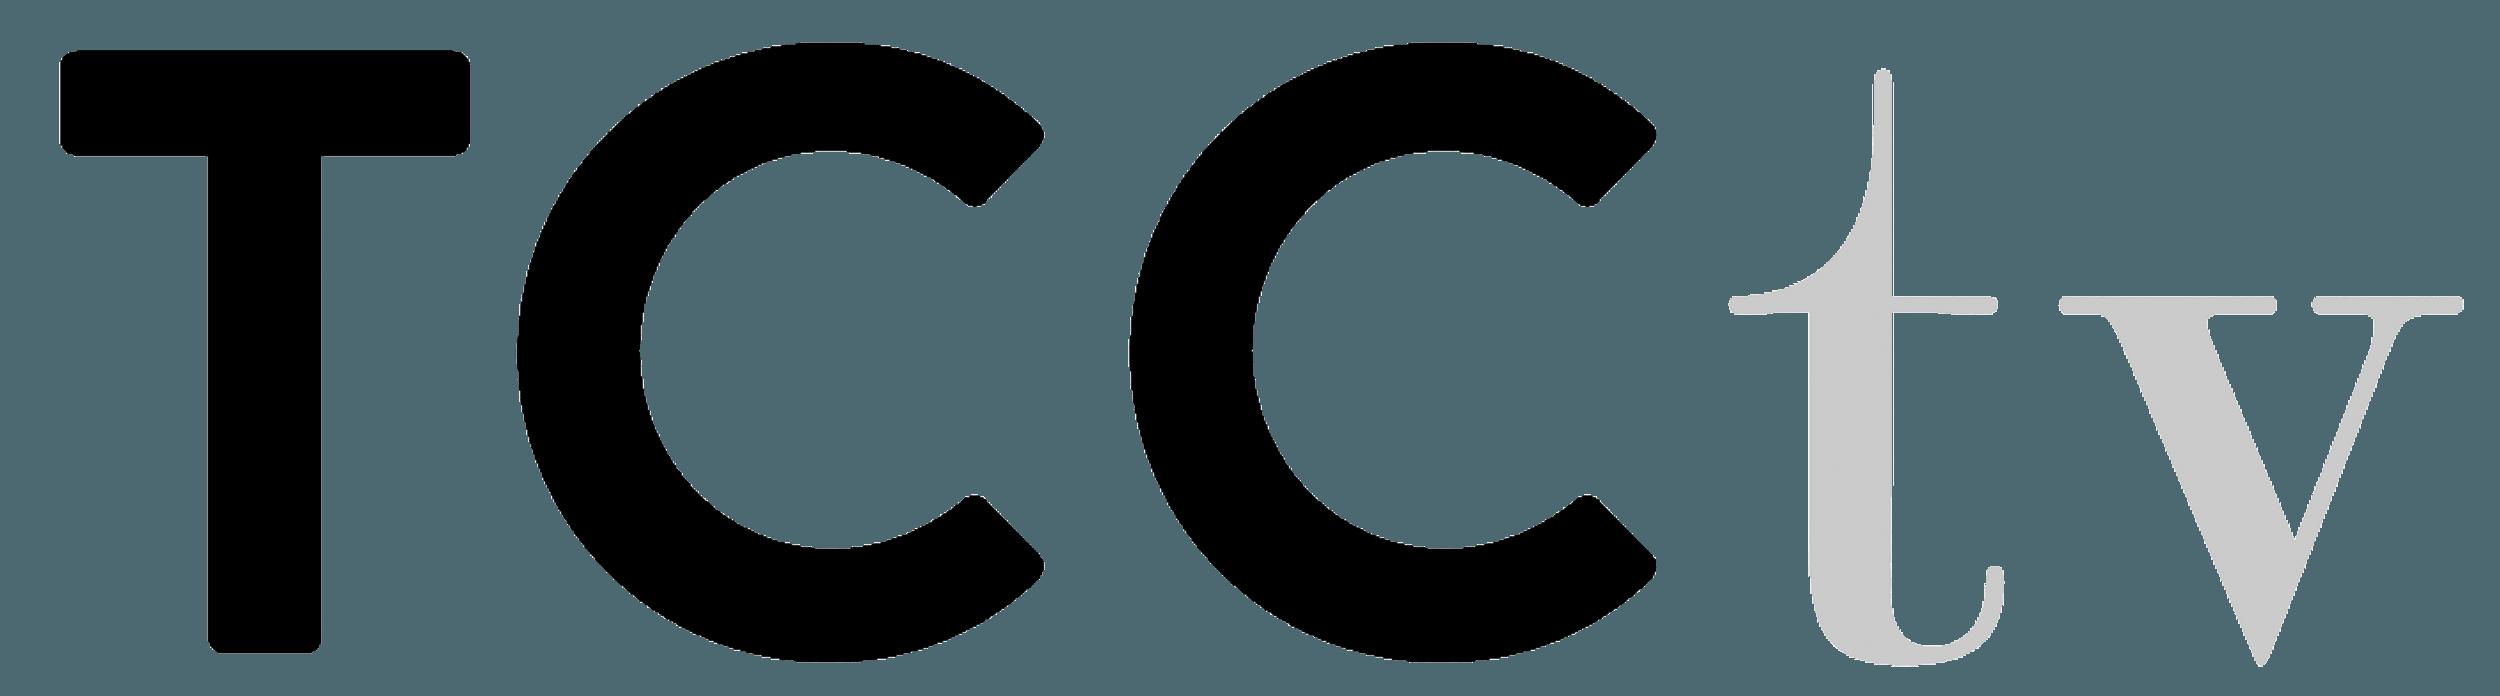 tcctv-2500-copy